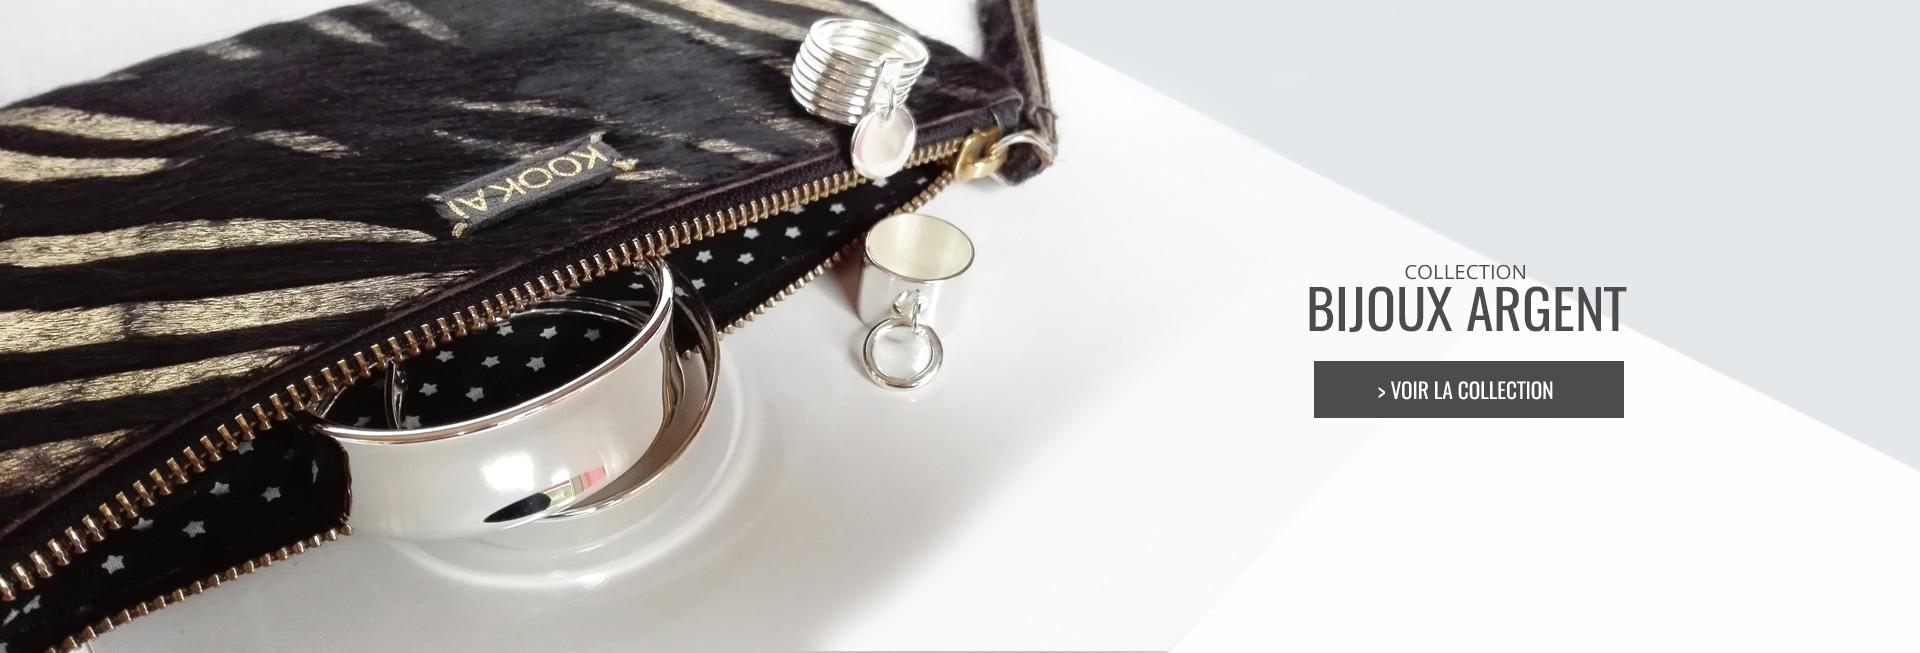 Craquez pour notre collection de bijoux Argent pour femme : bracelet jonc argent, bague medaille, collier et chaine argent, fabriqués en France